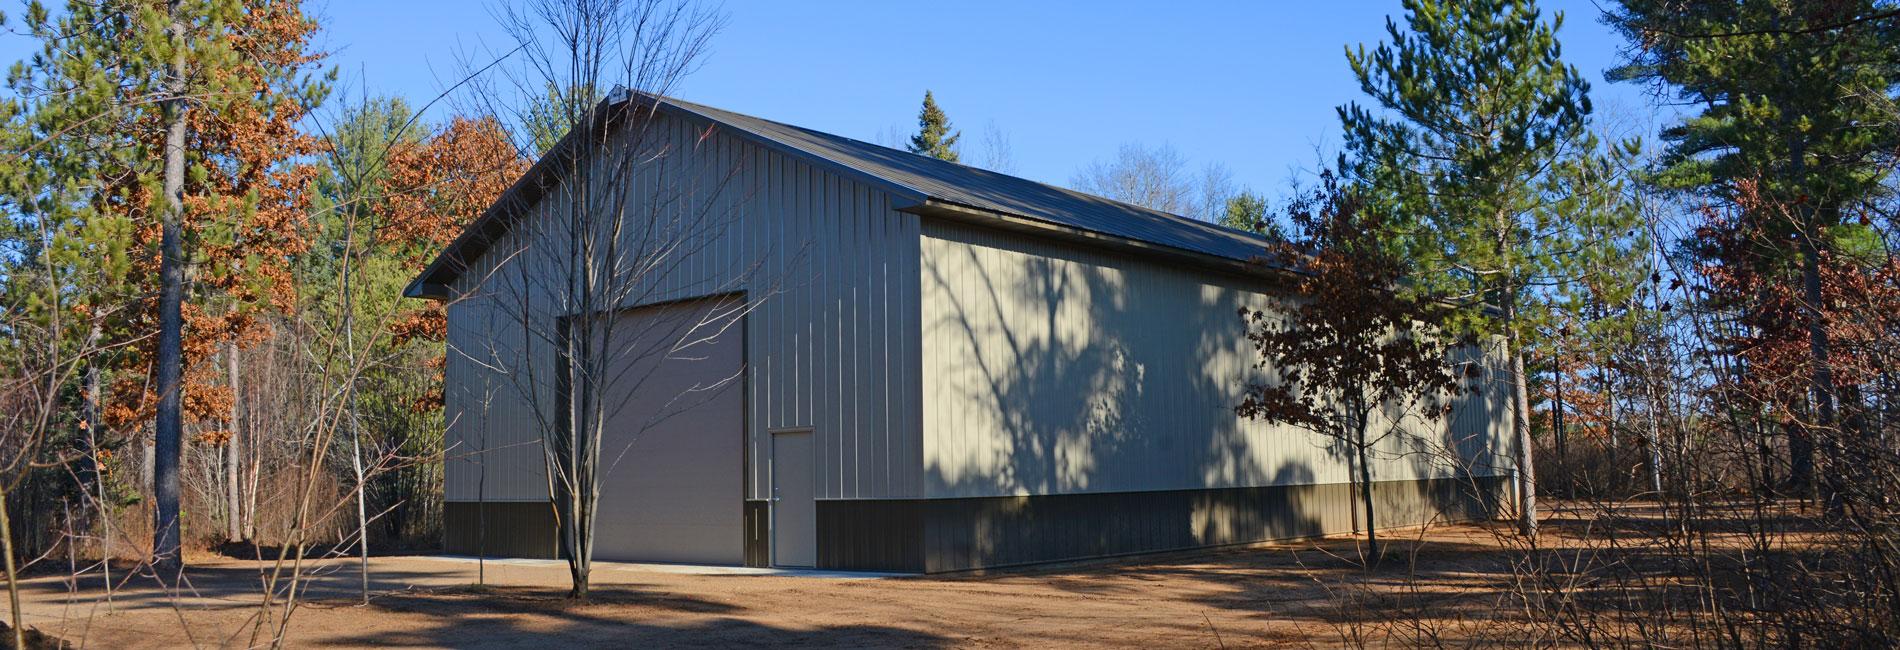 Pole Barn Garages, Sheds and workshops